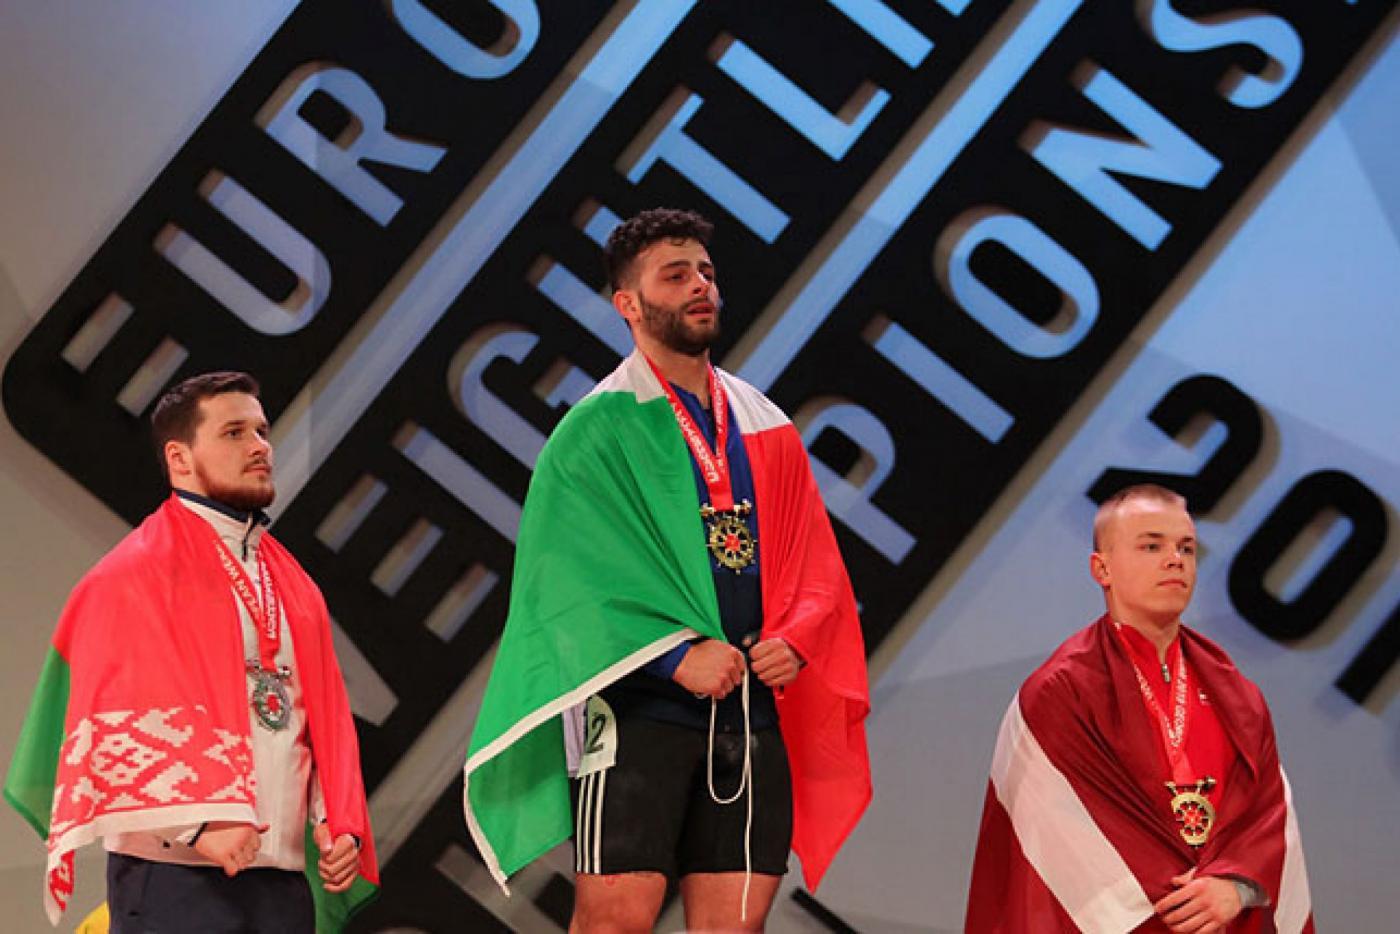 Призер чемпионатов Европы Петр Асаенок о том, как совмещать учебу и спорт